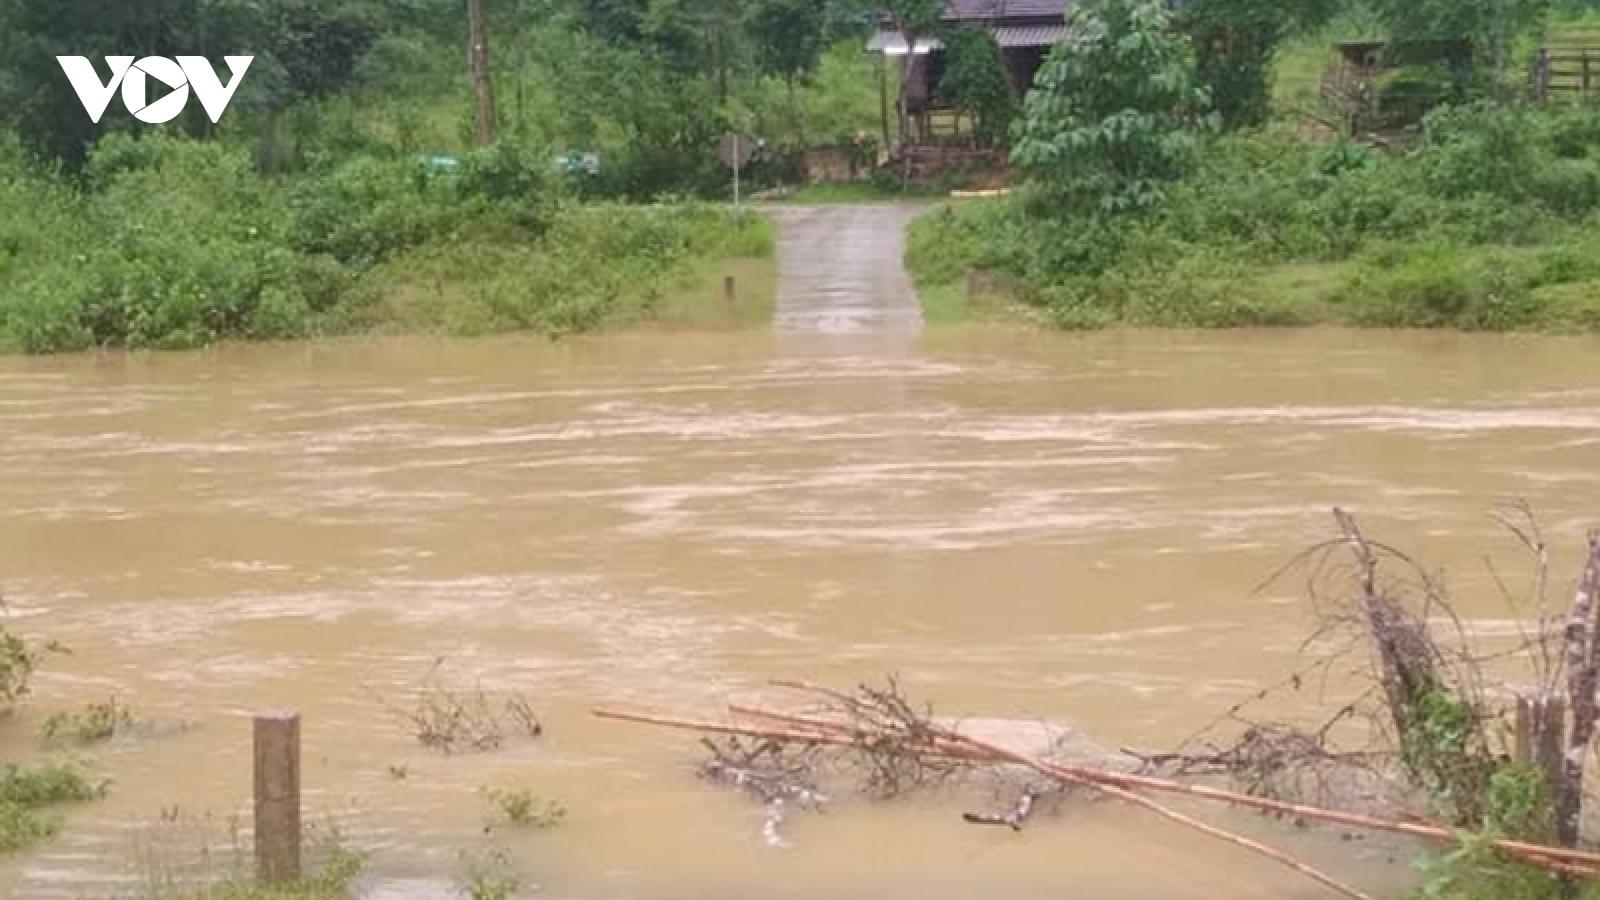 Mưa lũ tại Quảng Bình khiến 1 người chết, 5 người mất liên lạc